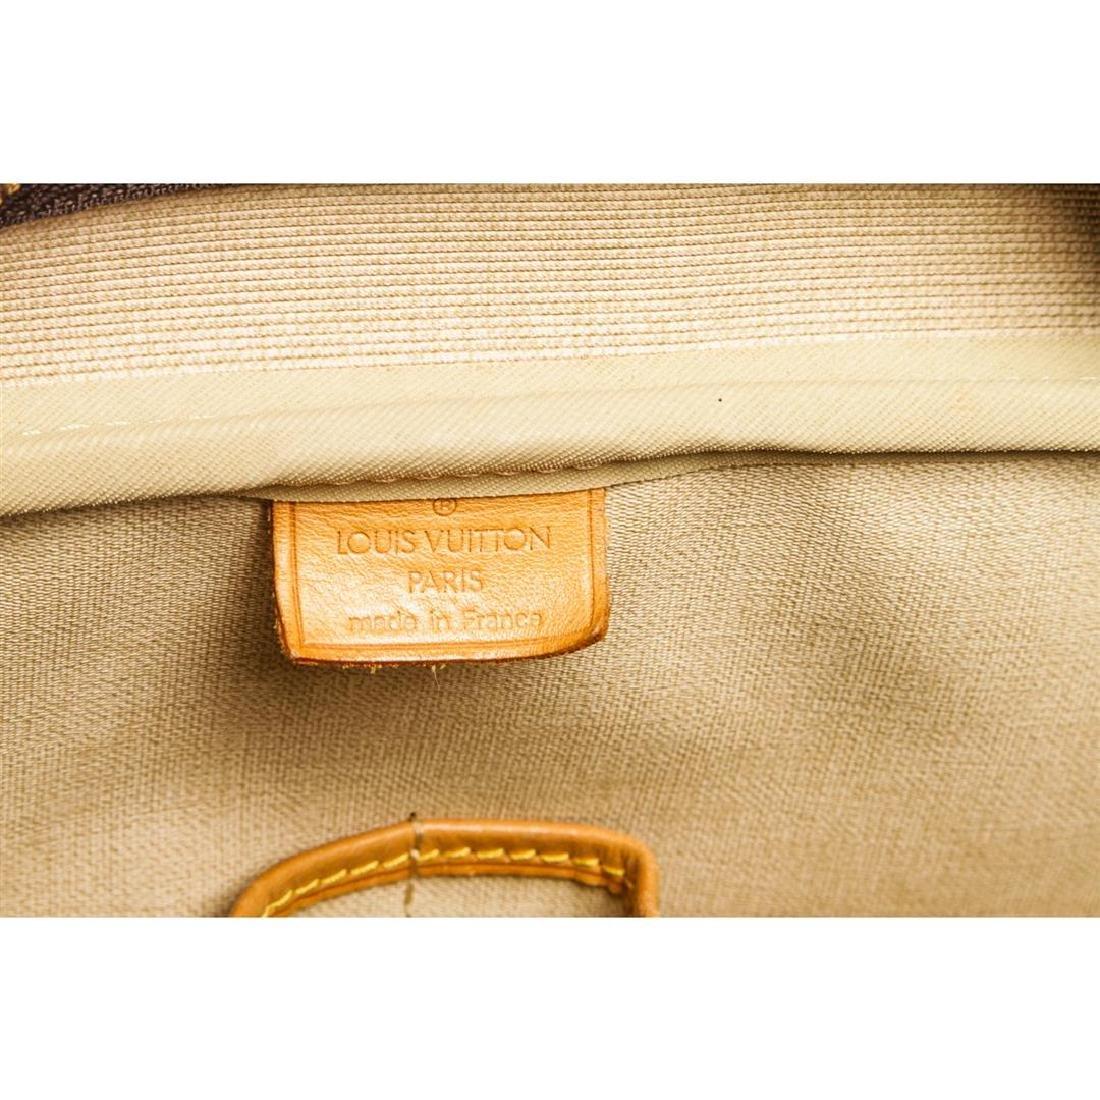 Louis Vuitton Monogram Canvas Leather Deauville Doctor - 6